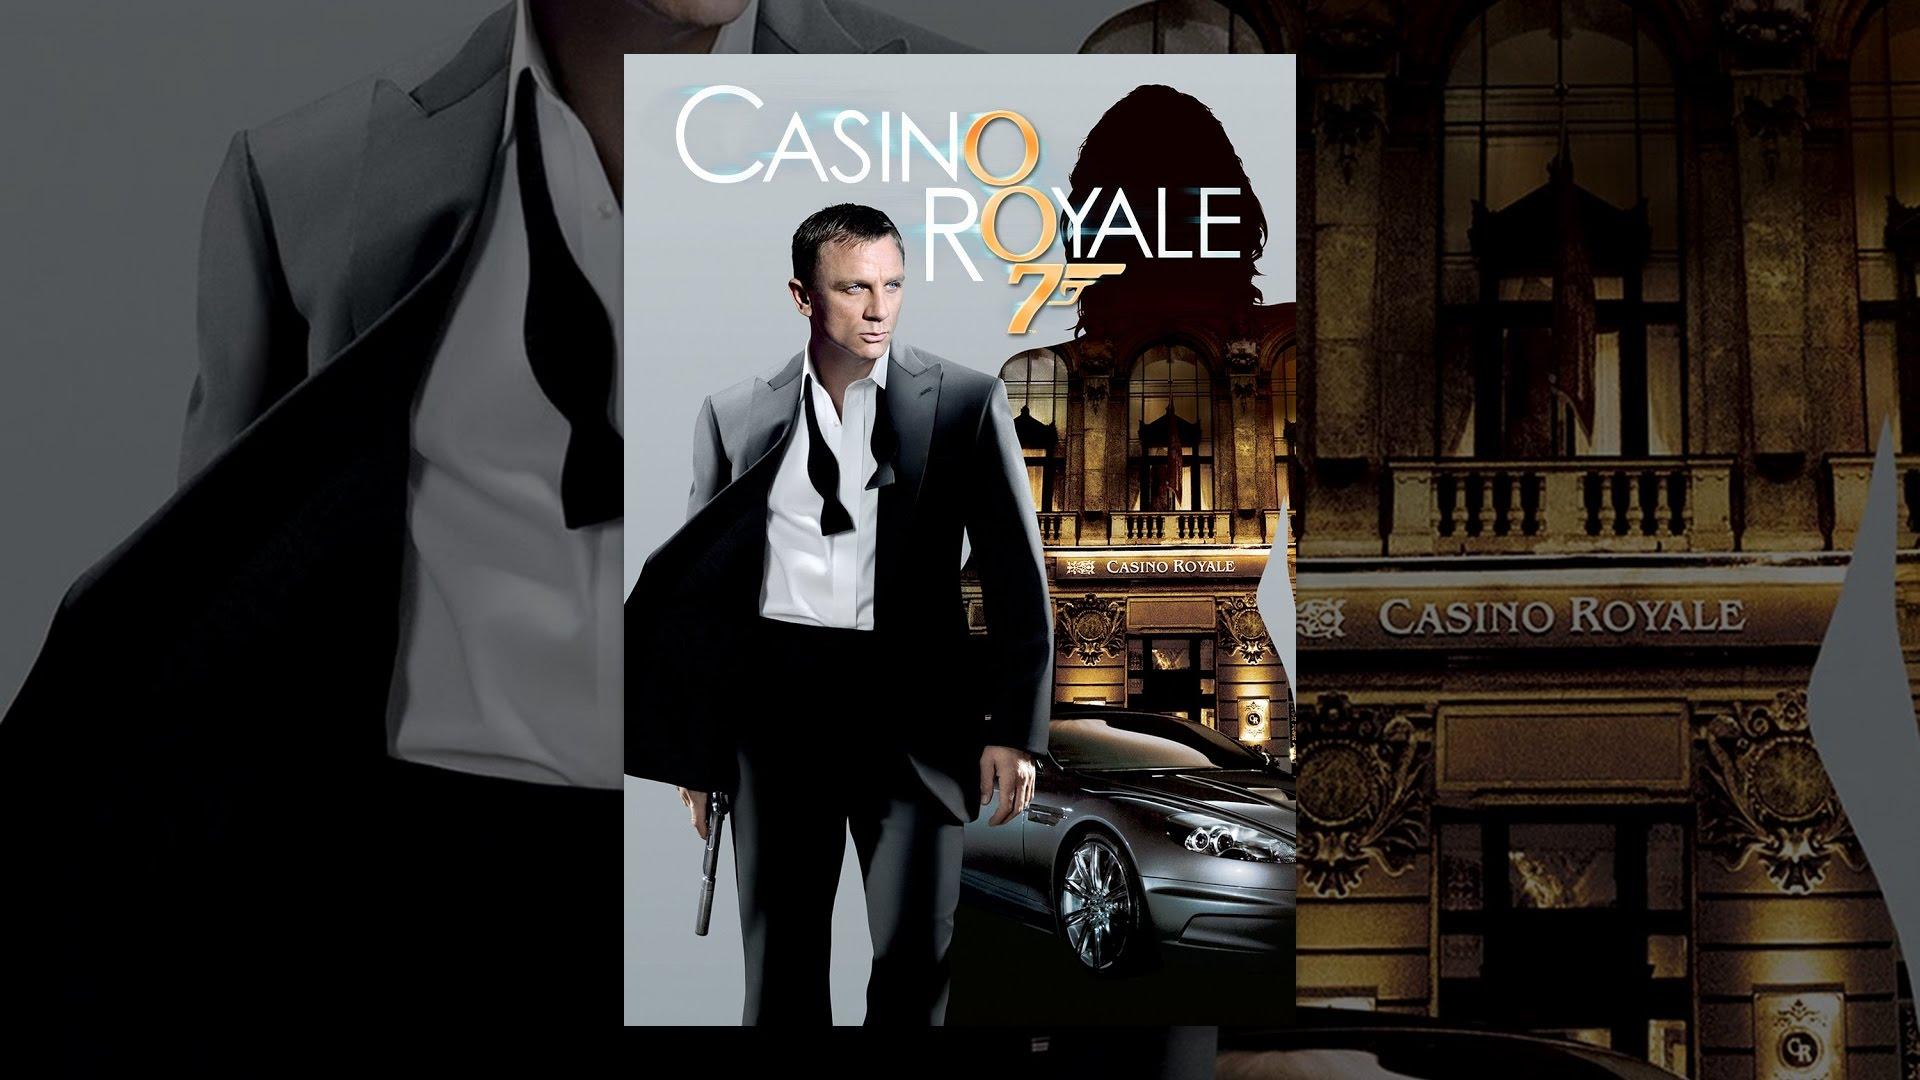 007 CASINO ROYALE YOUTUBE